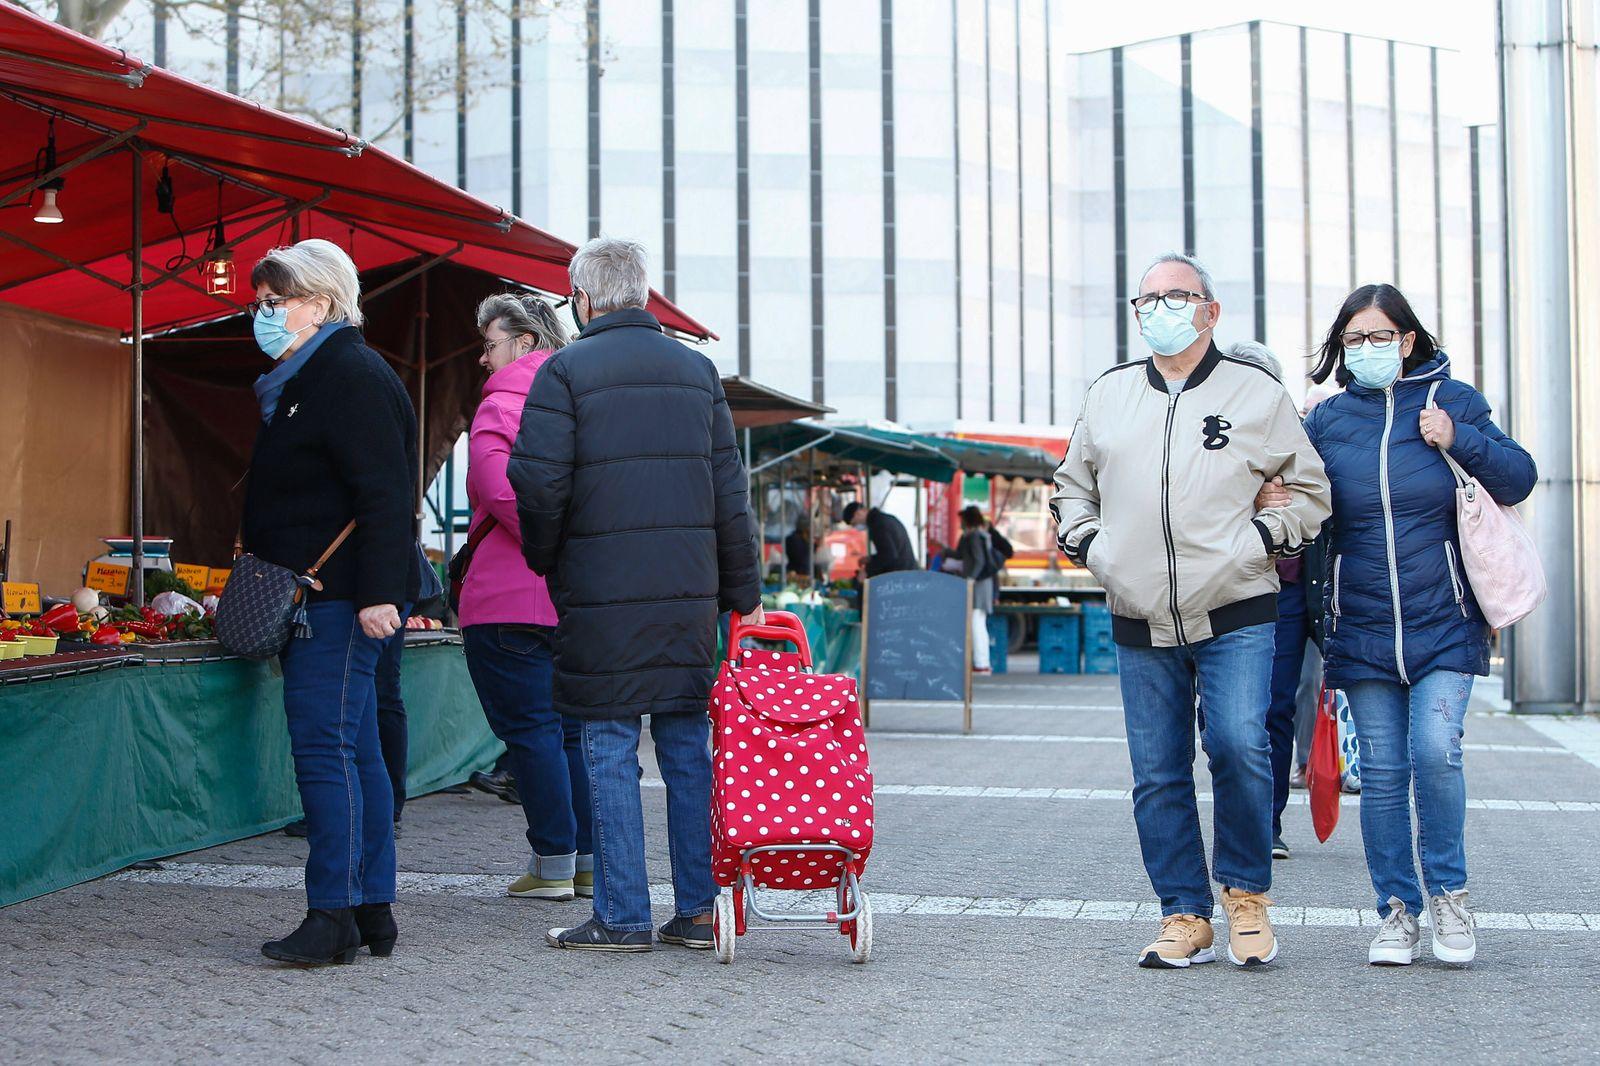 22.04.2020, xtgx, Maskenpflicht in Wolfsburg, Besucher des Wochenmarktes tragen Masken. Die Stadt Wolfsburg hat ab dies